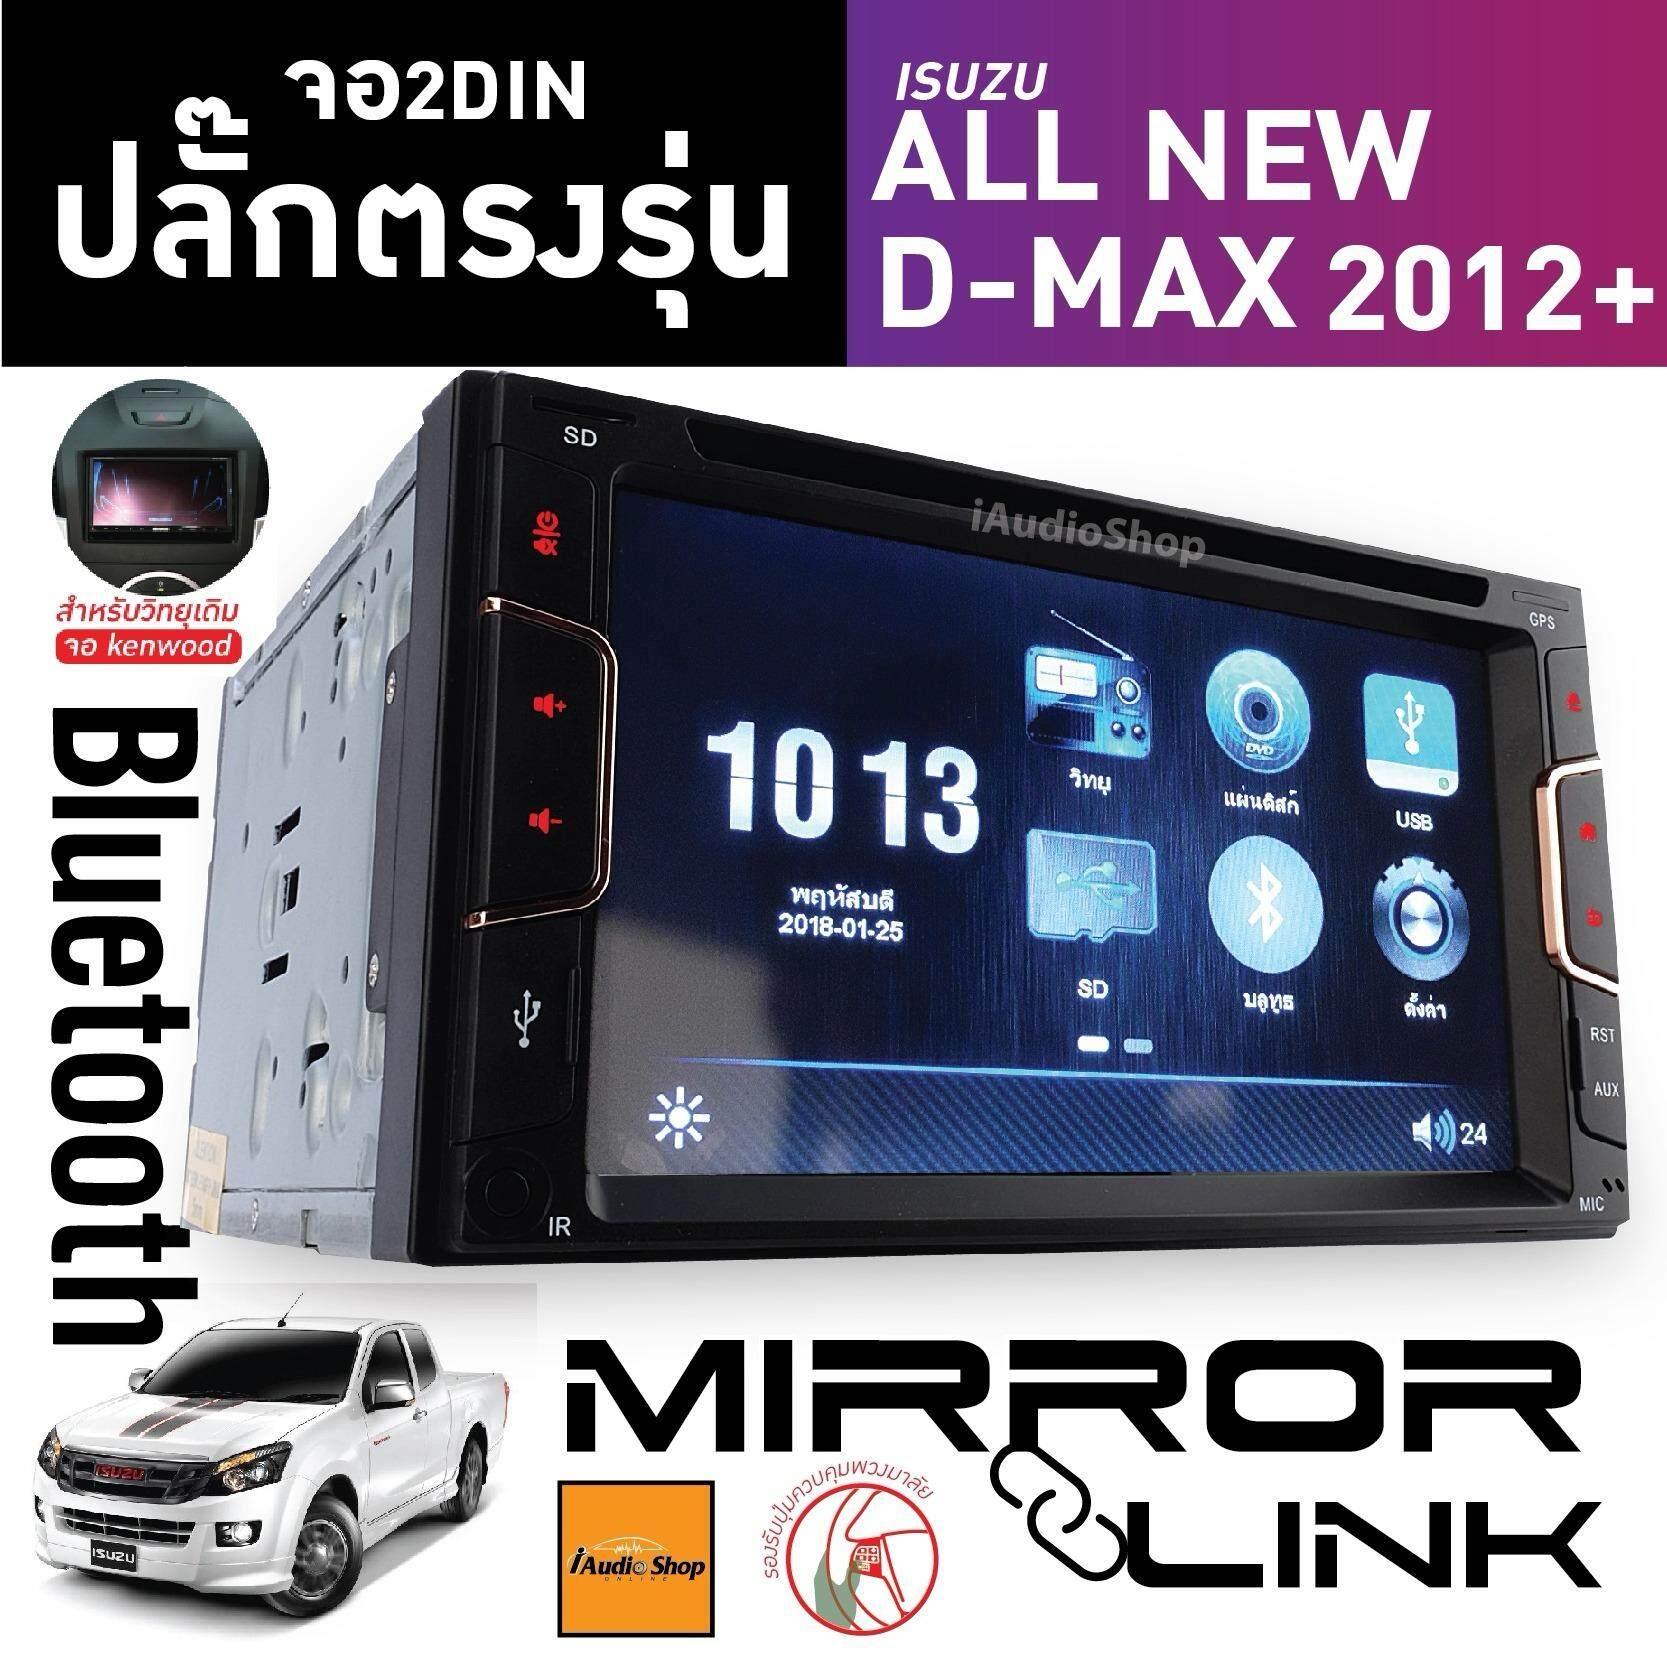 ขาย ซื้อ Black Magic ปลั๊กตรงรุ่น ระบบมิลเลอร์ลิงค์ วิทยุติดรถยนต์ จอติดรถยนต์ จอ2Din วิทยุ2Din จอตรงรุ่น Bmg 6517 Mirror Link อีซูสุ ออลนิว ดีแมค All New Dmax 12 15 ปลั๊กตรงรุ่นไม่ต้องตัดต่อสายไฟ สำหรับวิทยุเดิมเป็นจอKenwood ชุดนี้ไม่ต้องใช้หน้ากาก ใน กรุงเทพมหานคร